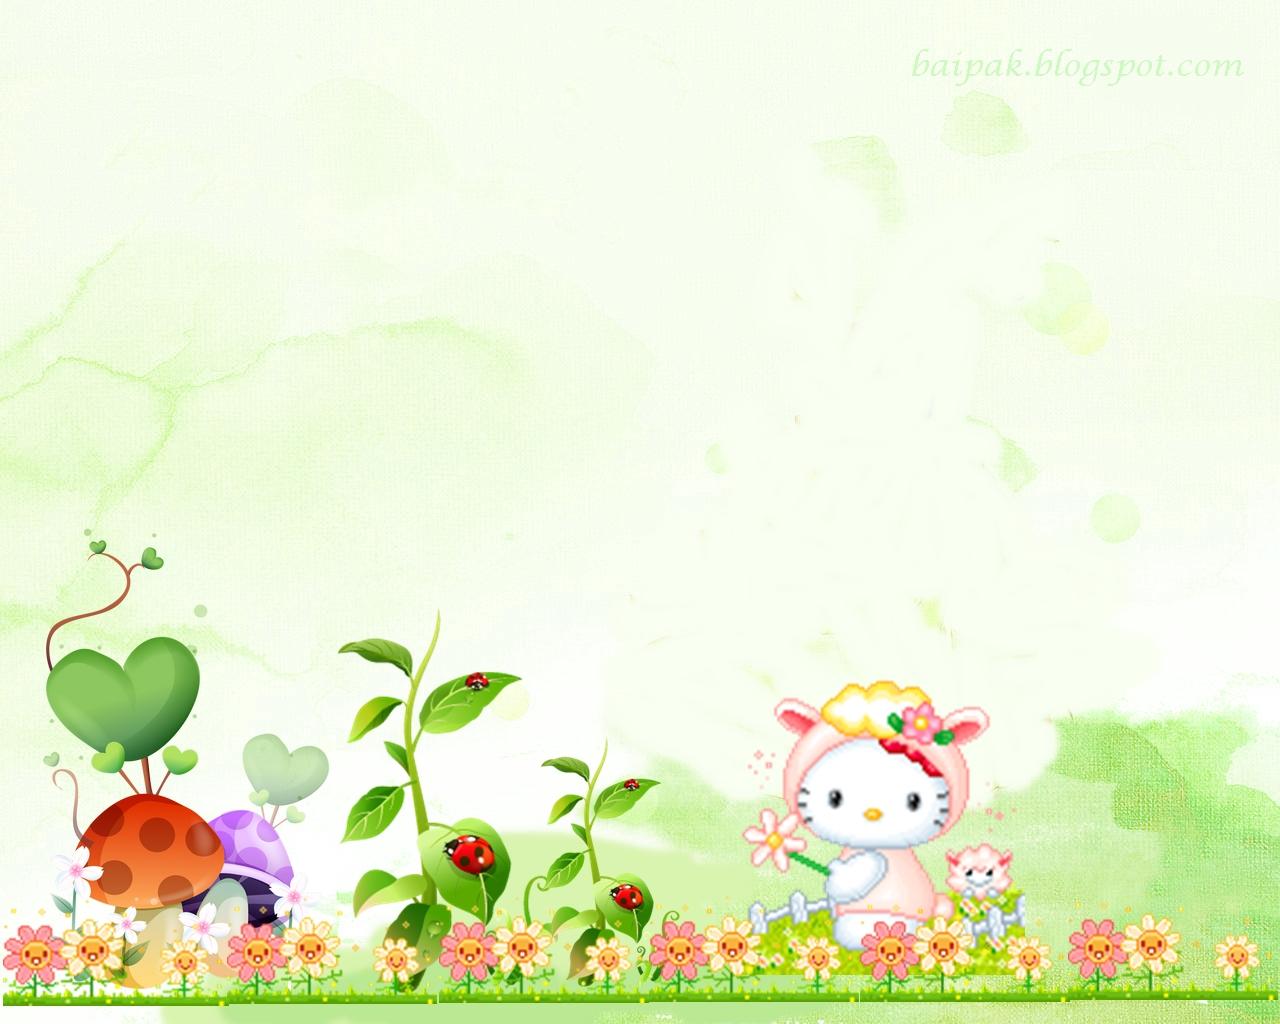 http://3.bp.blogspot.com/-wQDz8T2mRy8/UHV0yd5ArdI/AAAAAAAARnY/mADmPccF19E/s1600/wallpaper.kitty.012.jpg